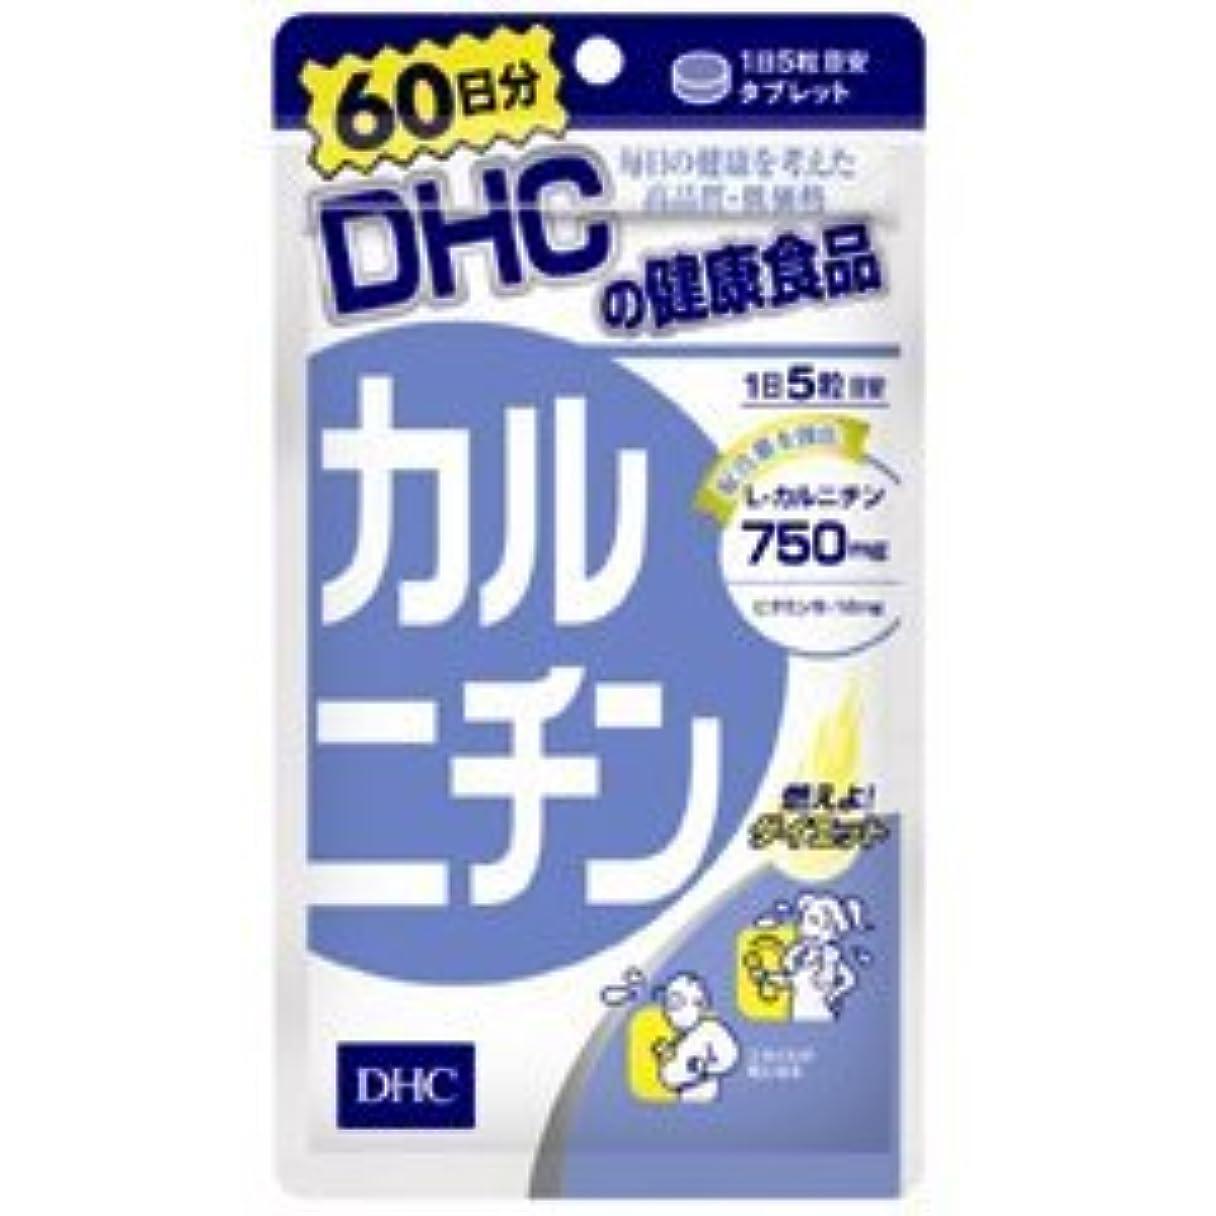 輸血召喚する不明瞭DHCの健康食品 カルニチン 60日分 300粒 【DHC】